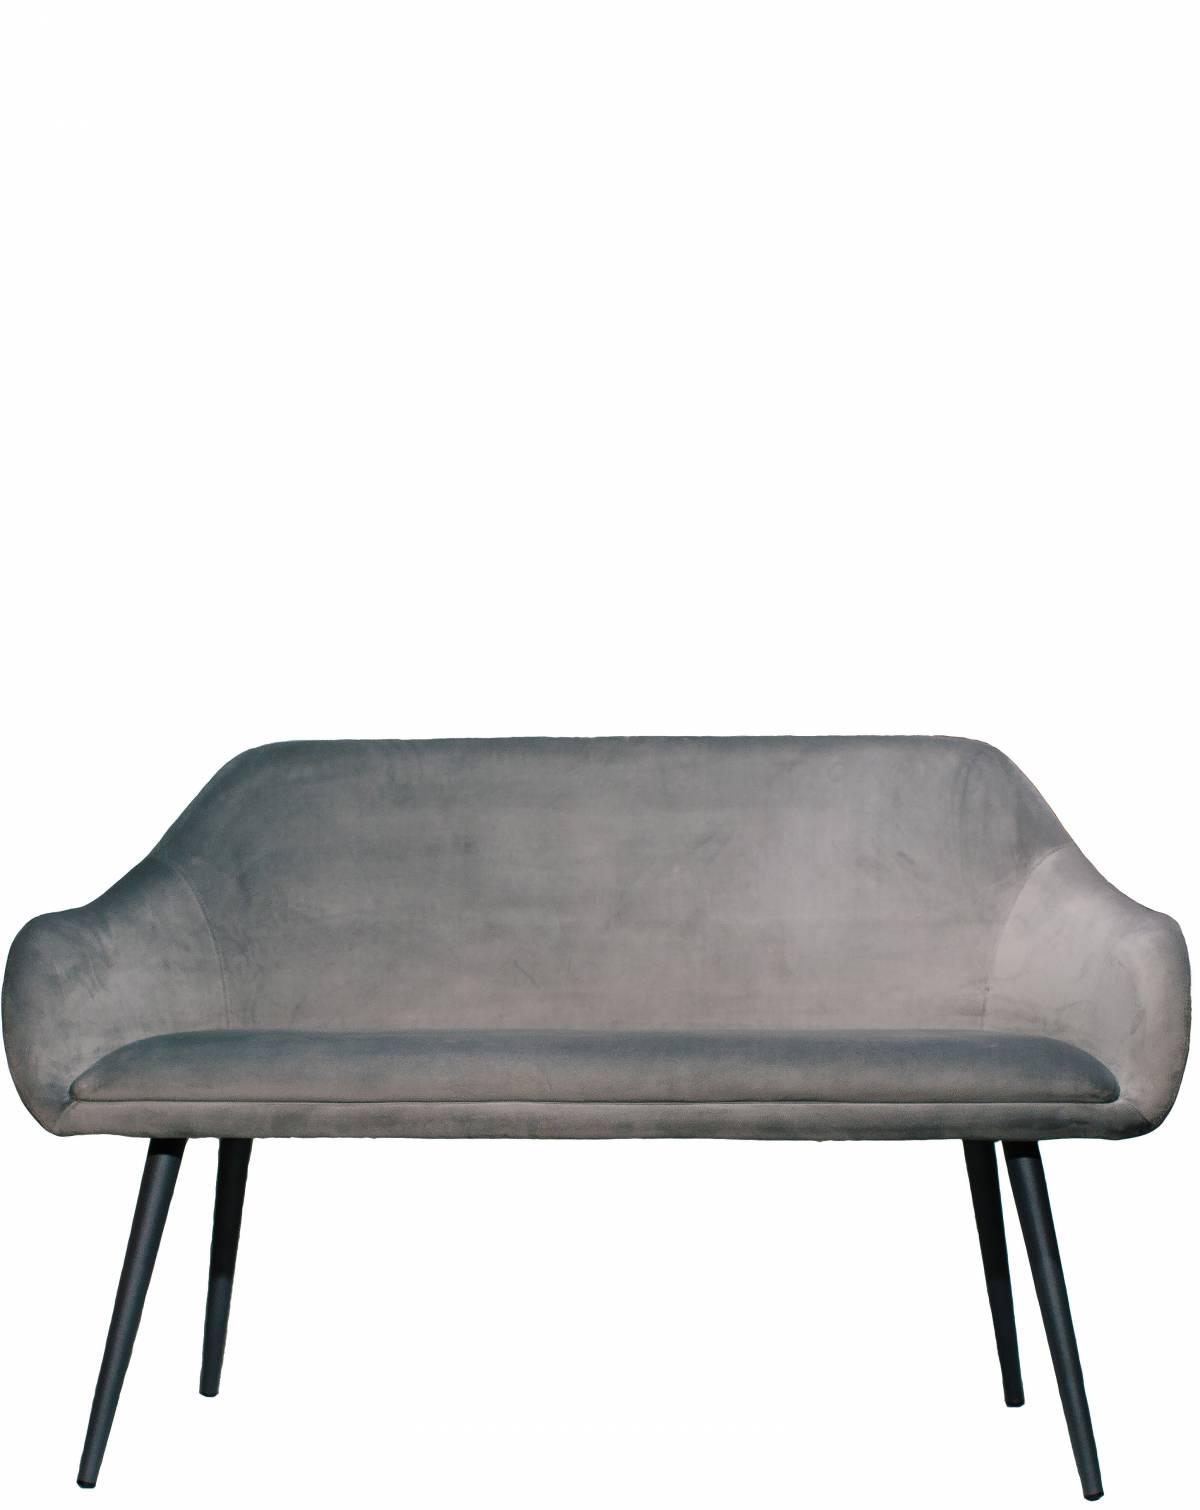 Купить диван - скамья Clara в Raroom